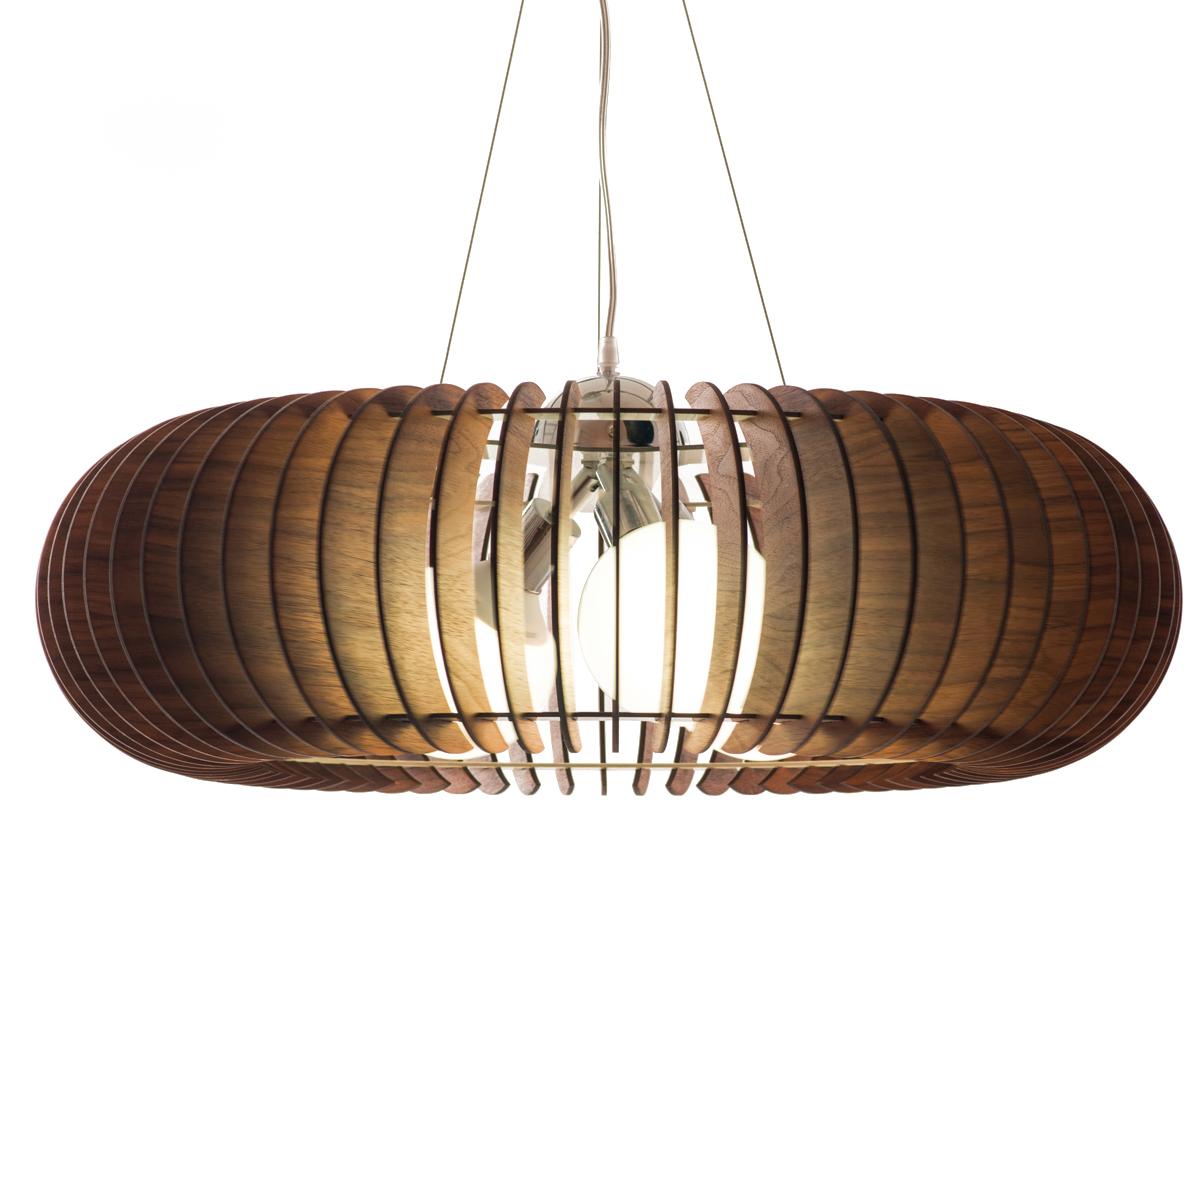 Люстра СпутникПодвесные светильники<br>Элегантная открытая форма люстры позволяет монтировать ее в разных помещениях как по стилю, так и по площади. Использование деревянных ламелей в сочетании с хромированной фурнитурой предают светильнику орбитальную невесомость.&amp;amp;nbsp;&amp;lt;div&amp;gt;&amp;lt;br&amp;gt;&amp;lt;/div&amp;gt;&amp;lt;div&amp;gt;&amp;lt;div&amp;gt;Тип цоколя: E27&amp;lt;/div&amp;gt;&amp;lt;div&amp;gt;Мощность: 60W&amp;lt;/div&amp;gt;&amp;lt;div&amp;gt;Кол-во ламп: 3 (нет в комплекте)&amp;lt;/div&amp;gt;&amp;lt;/div&amp;gt;<br><br>Material: Шпон<br>Высота см: 22